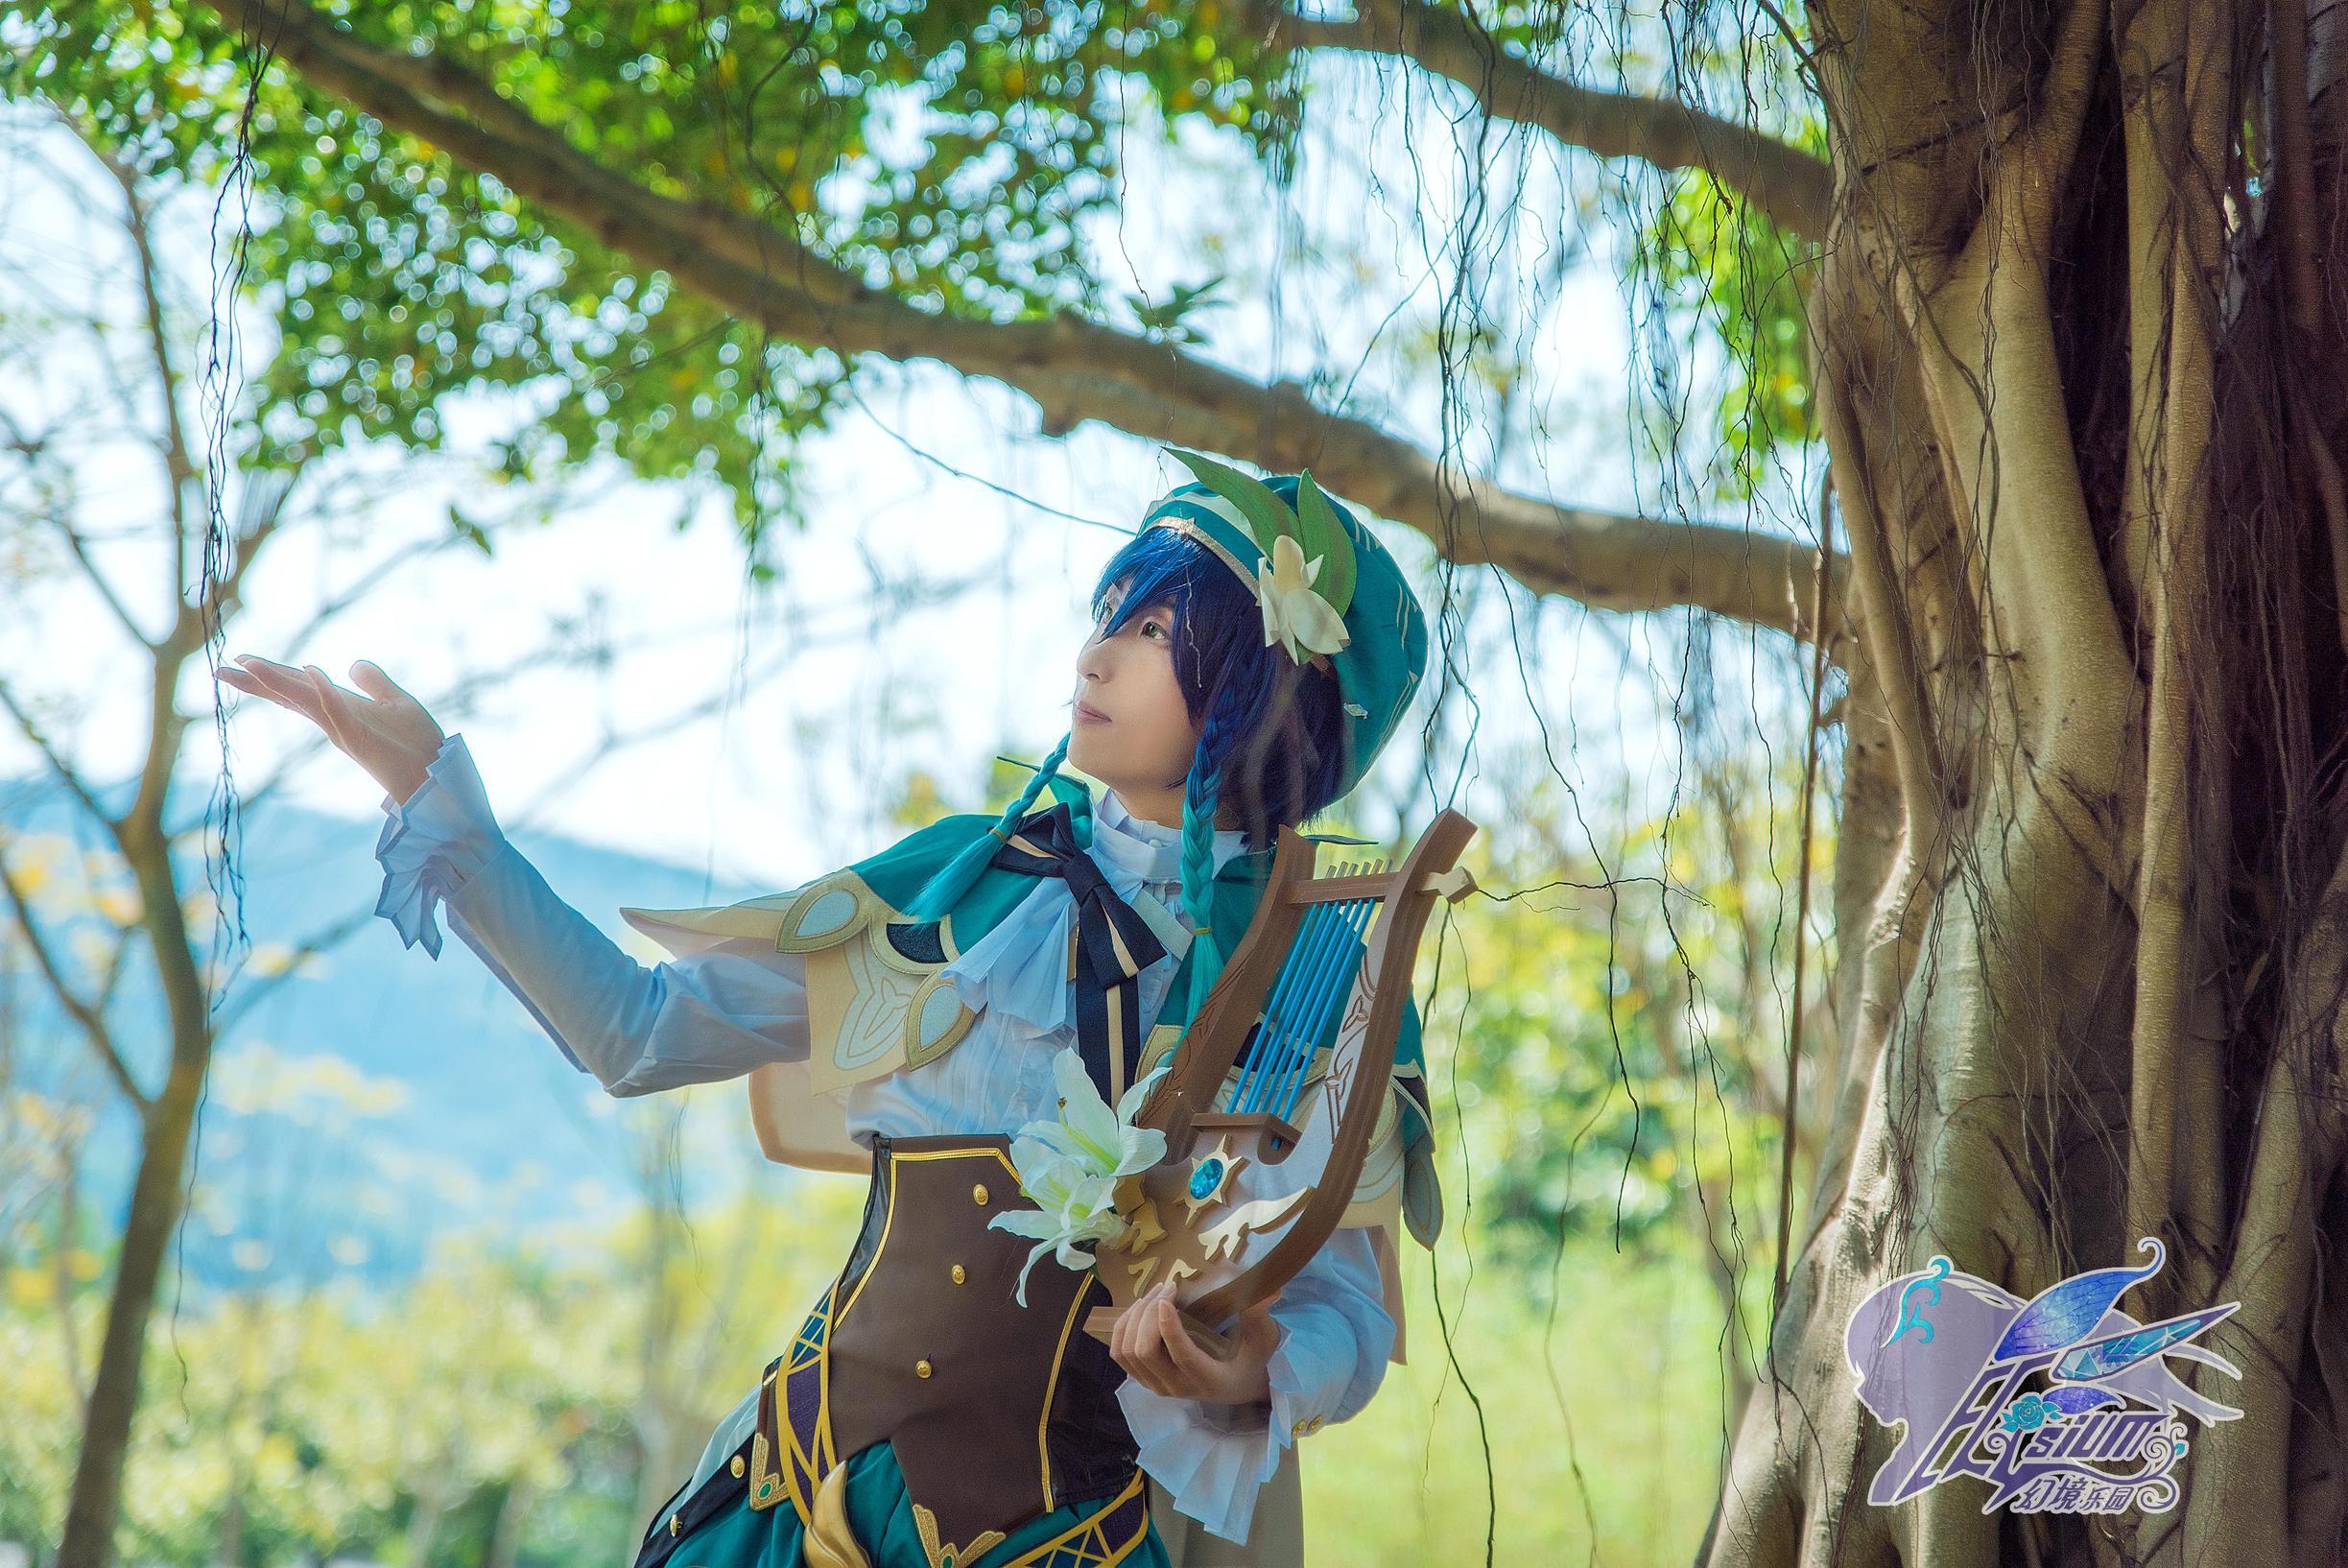 《原神》正片cosplay【CN:幻境乐园ELY】-第8张